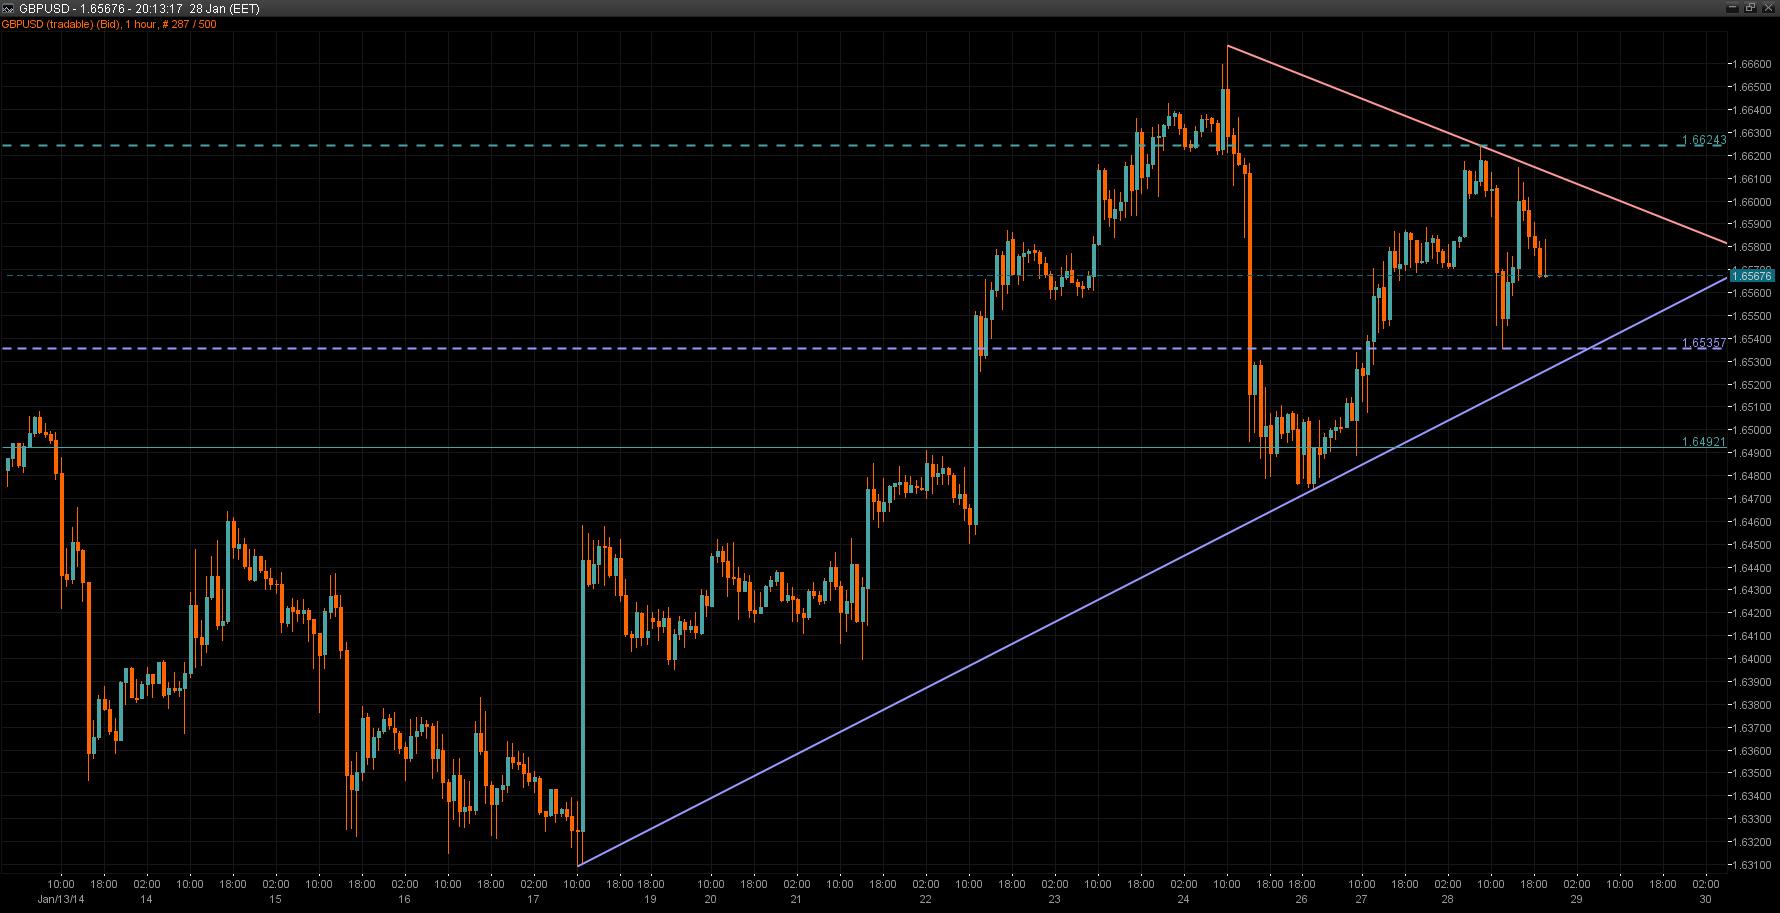 GBP/USD Chart 28 Jan 2014